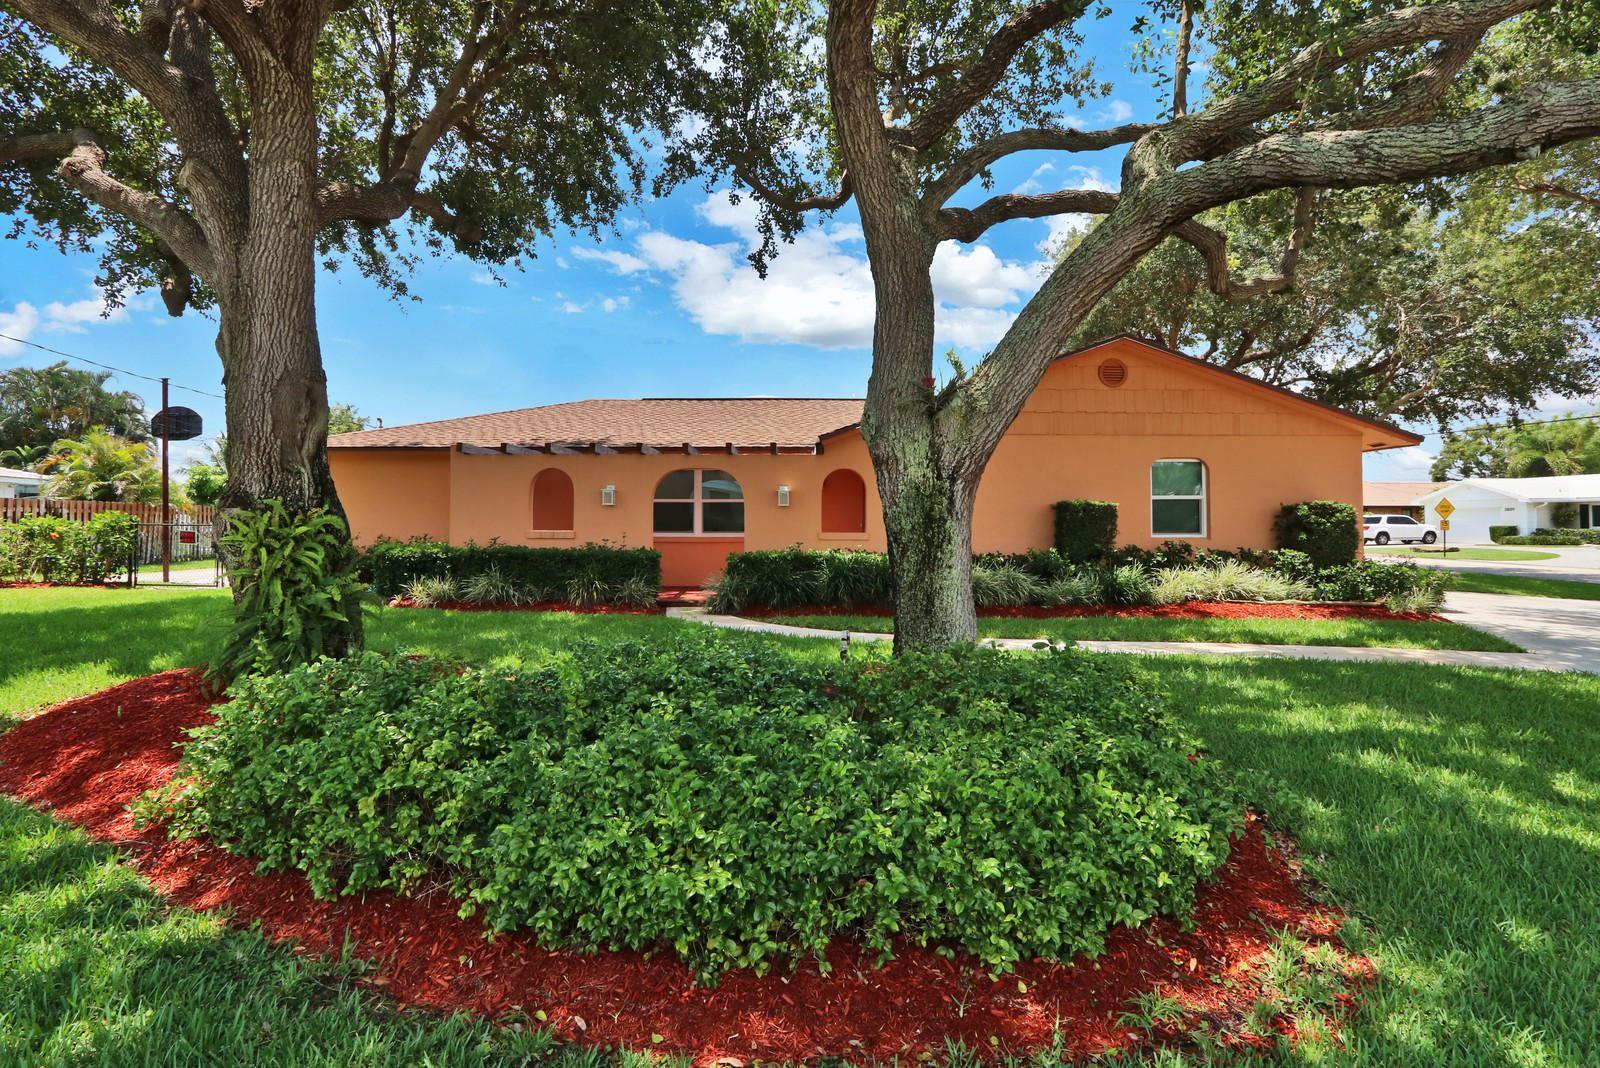 8230 Pine Tree Lane, Lake Clarke Shores, FL 33406 - #: RX-10670780